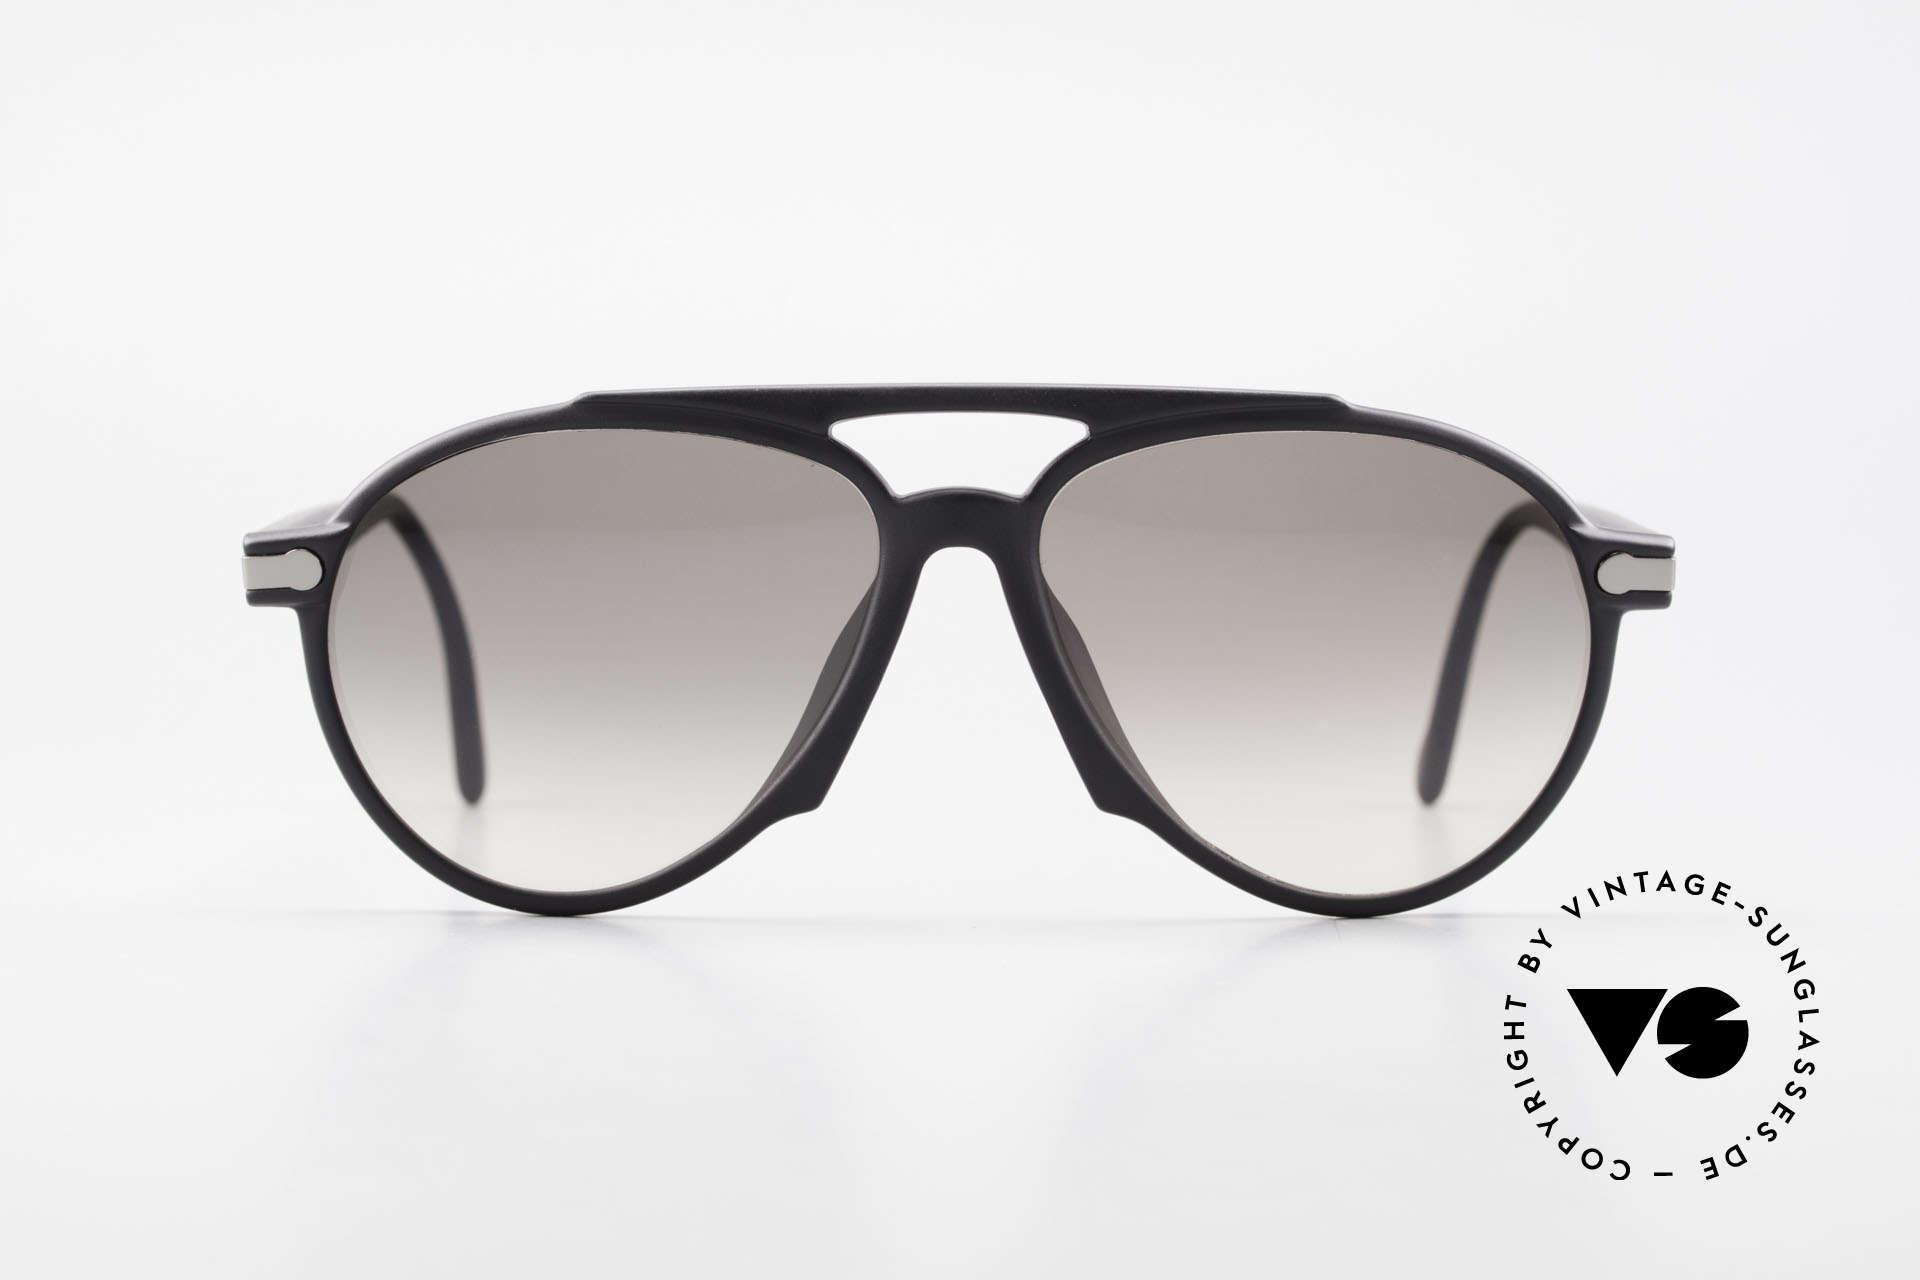 BOSS 5150 90er Vintage Pilotenbrille, seltenes Original aus den frühen 90er Jahren, Passend für Herren und Damen